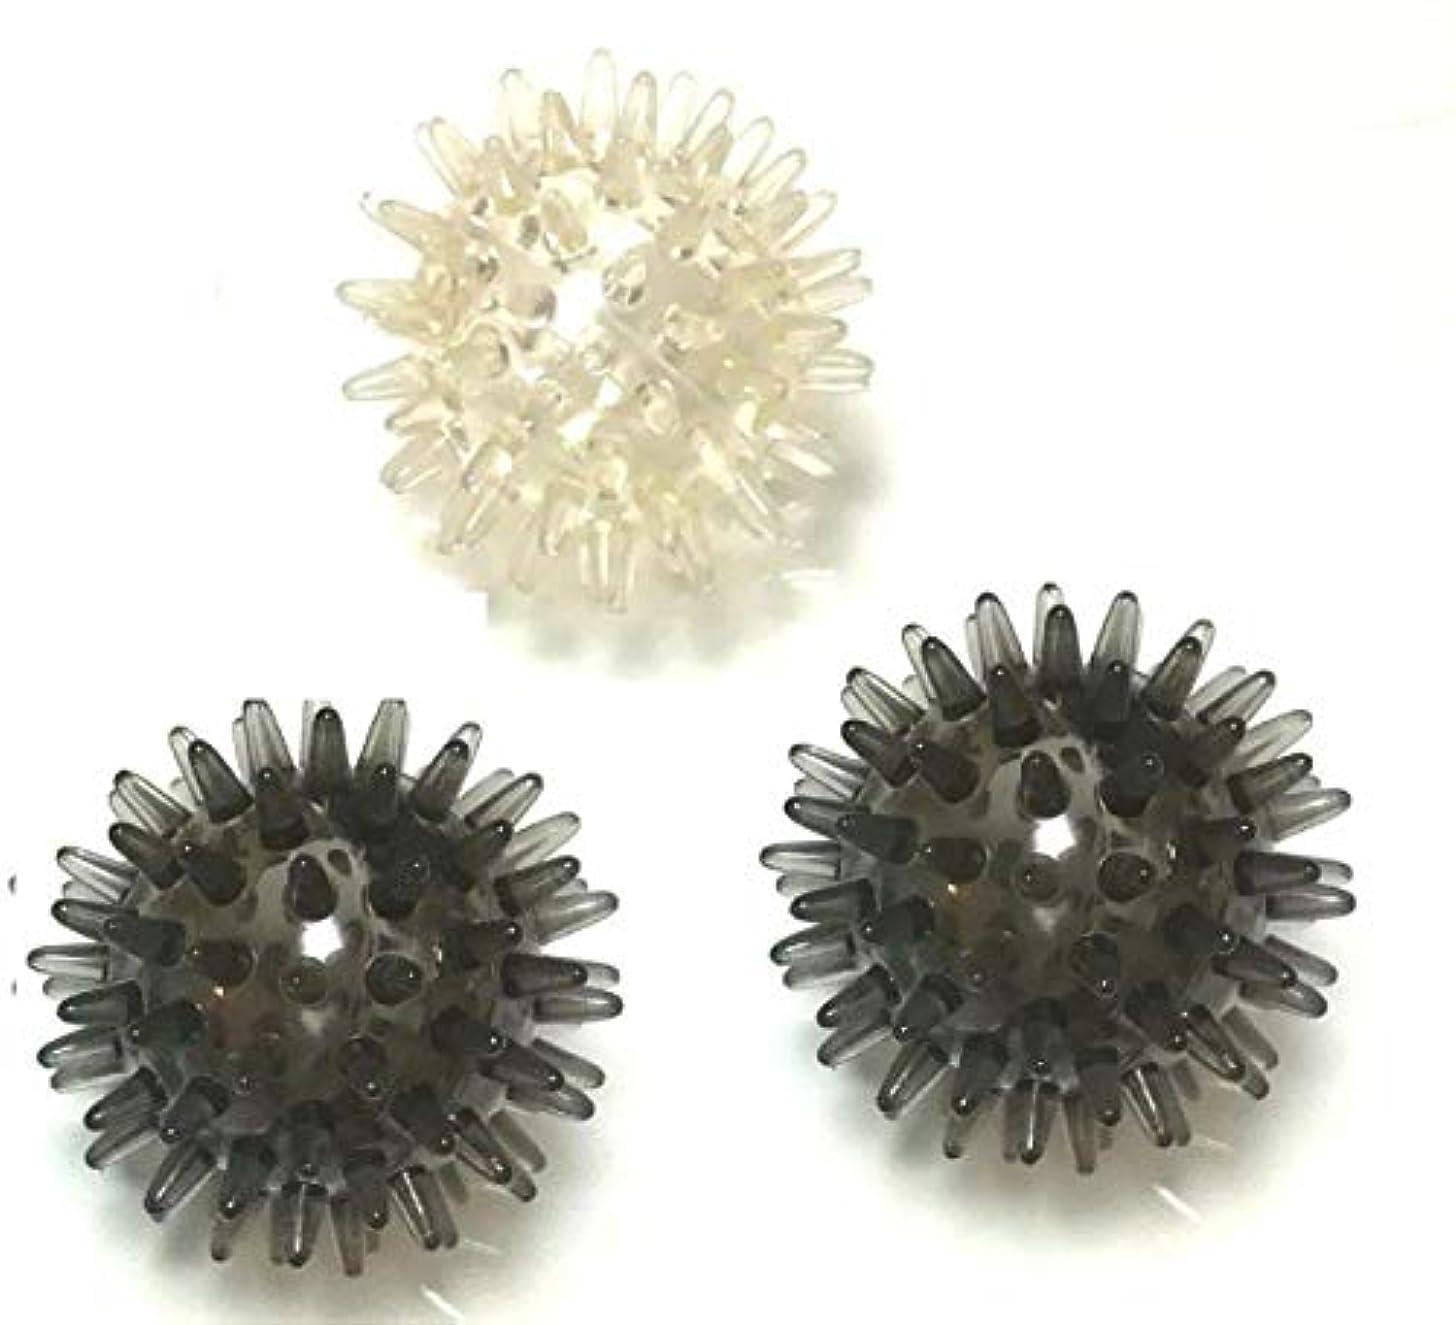 強制的主張見分けるトゲトゲ イガイガボール 硬め 3個 セット リハビリ , つぼ押し, マッサージ に 直径約8cm とげとげ ぼつぼつ BE&PK&YL